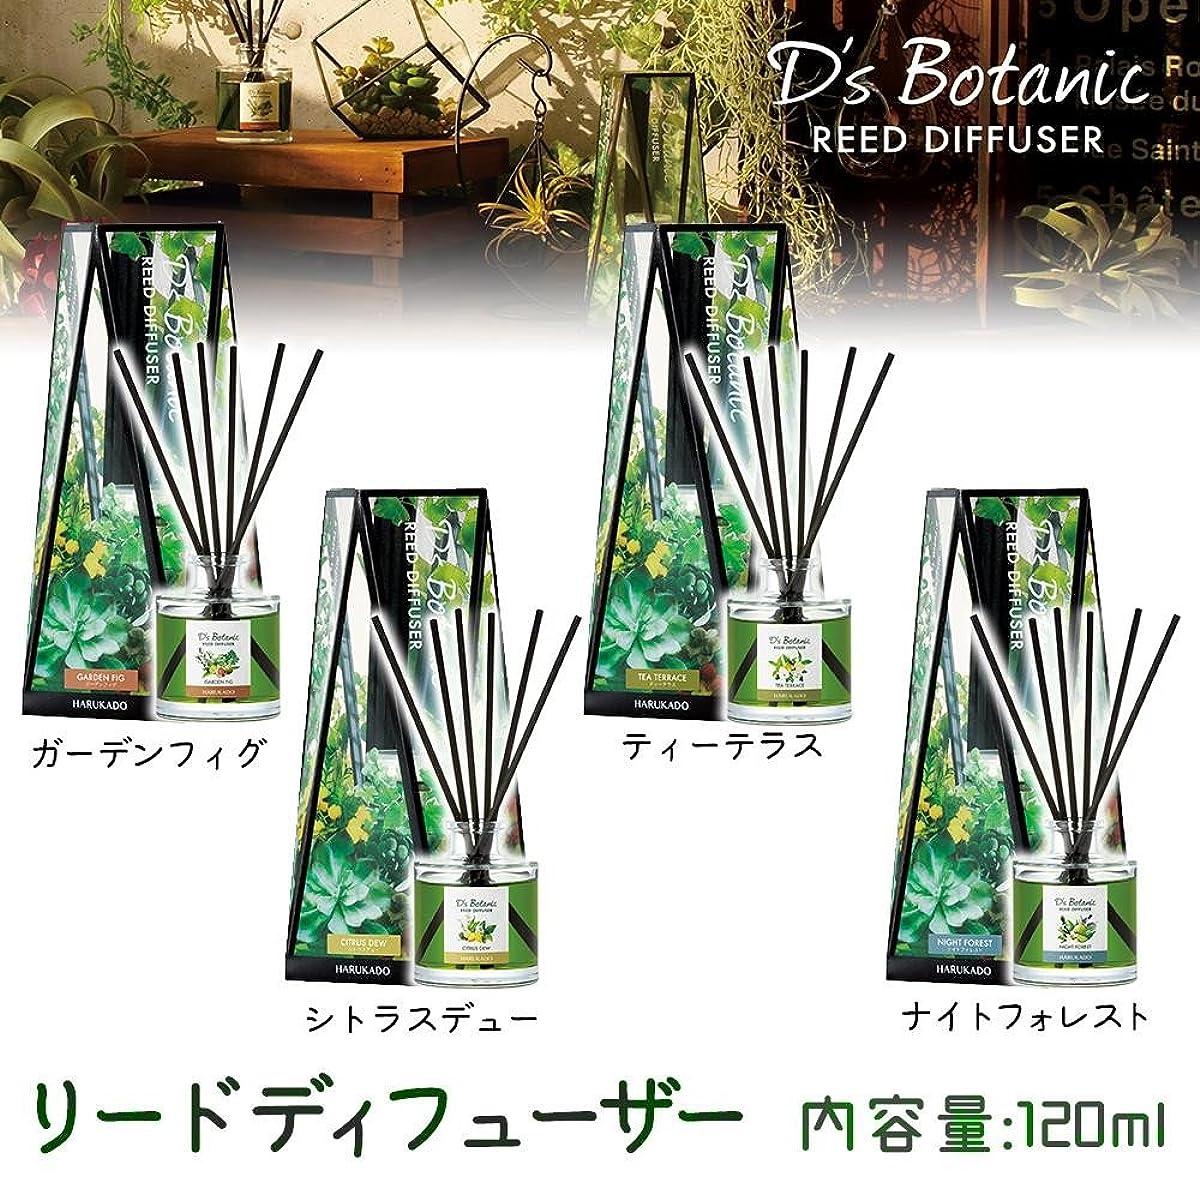 防ぐ天使貧しいD'S Botanic(デイズボタニック) リードディフューザー ルームフレグランス 120ml ティーテラス?6230【人気 おすすめ 】